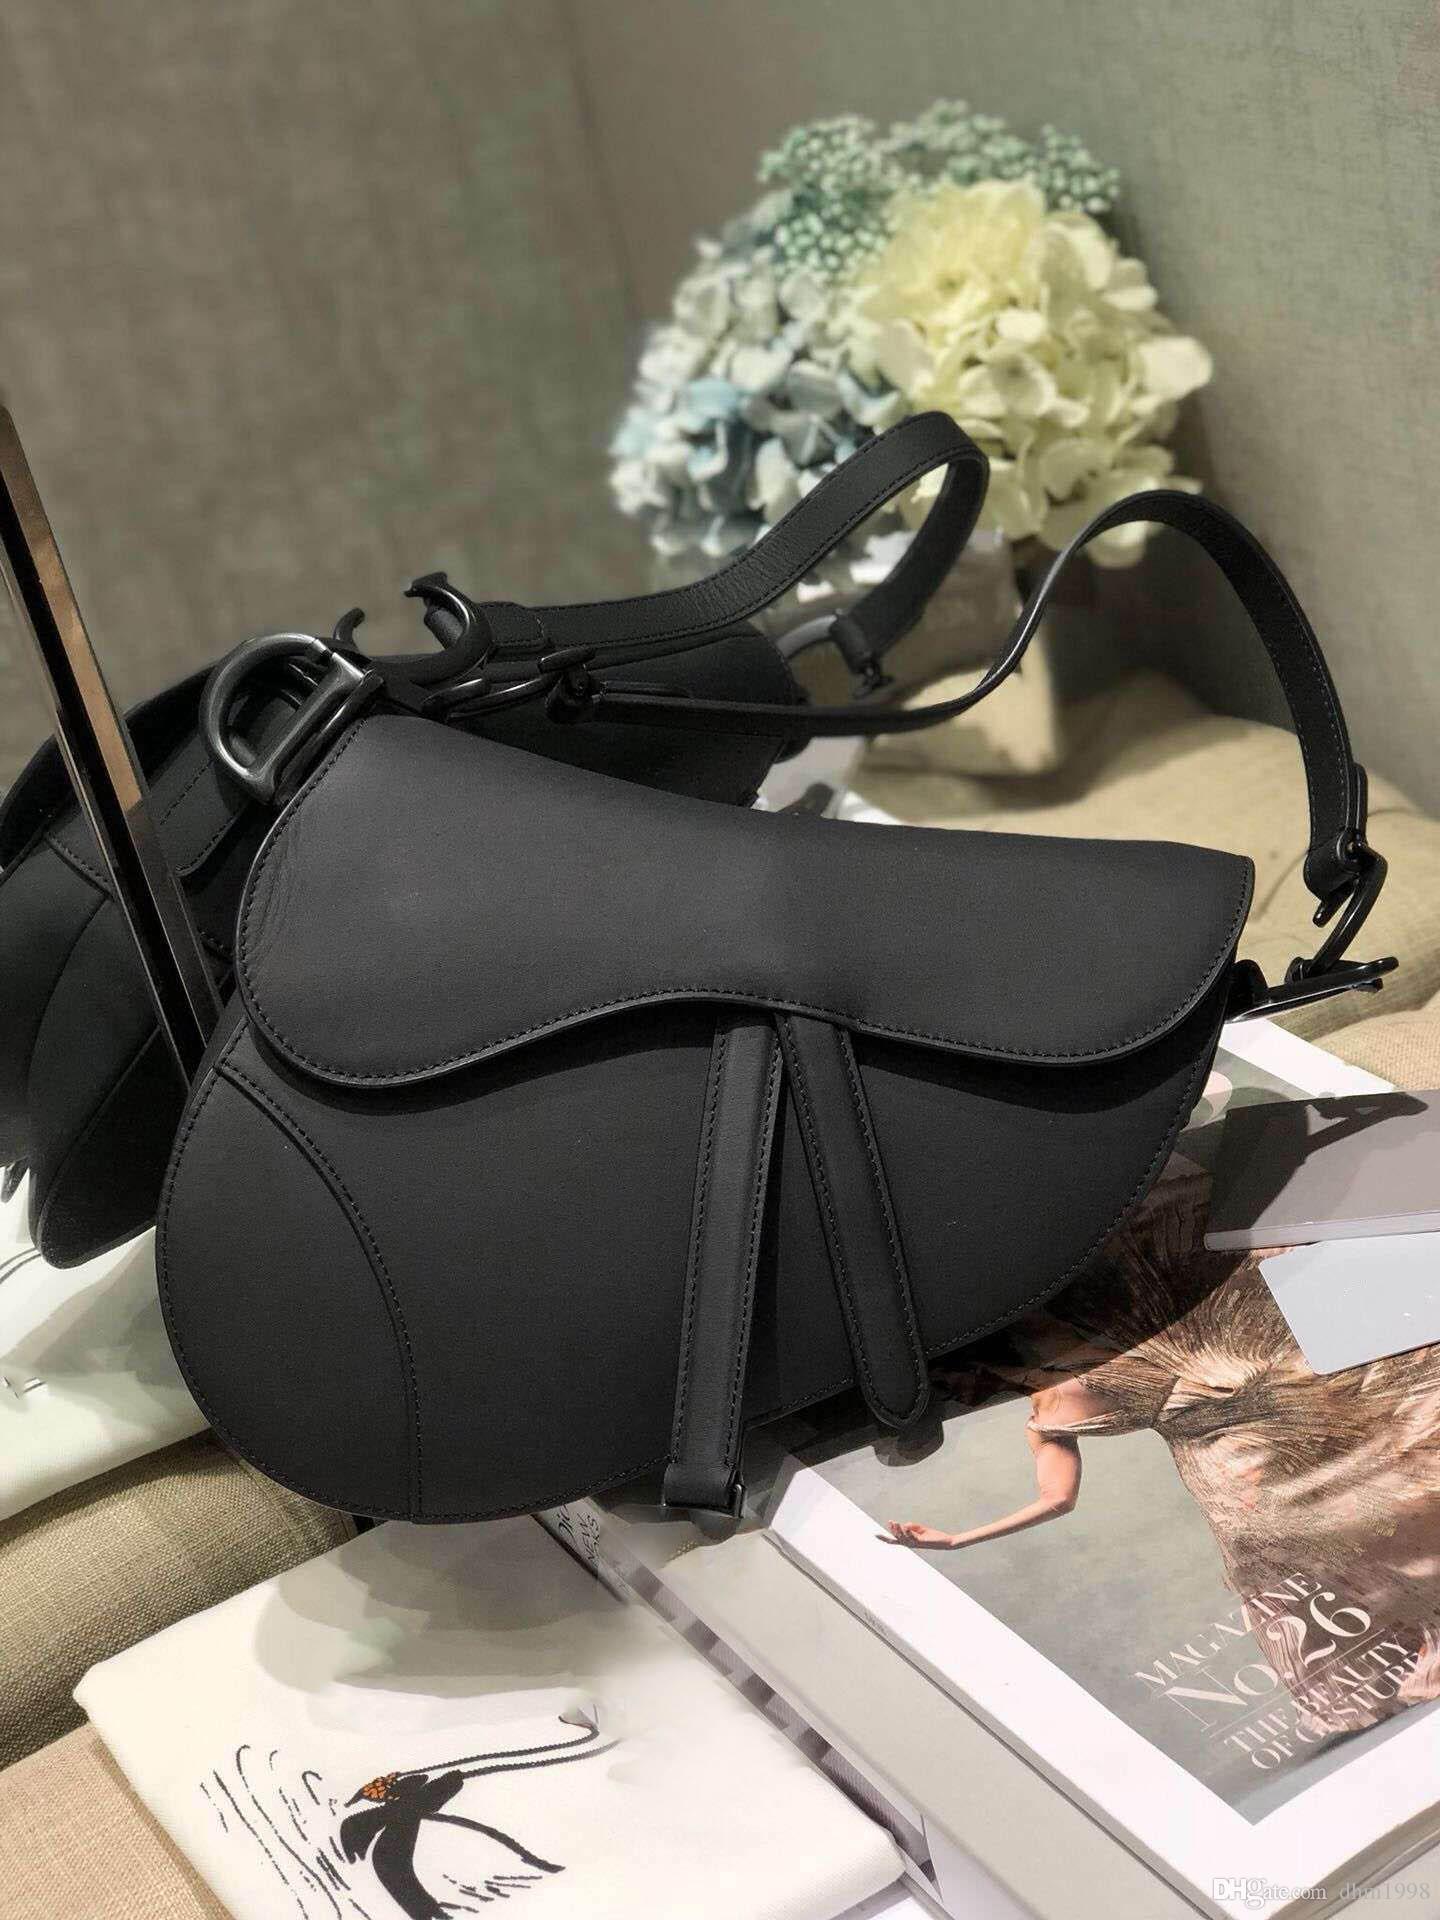 20 Trendy Yeni Bayanlar Mat Siyah Eyer Çanta Büyük Akşam Parti Hediye Büyük hizmet Romantik Omuz Çantası Çantası ile Kutusu